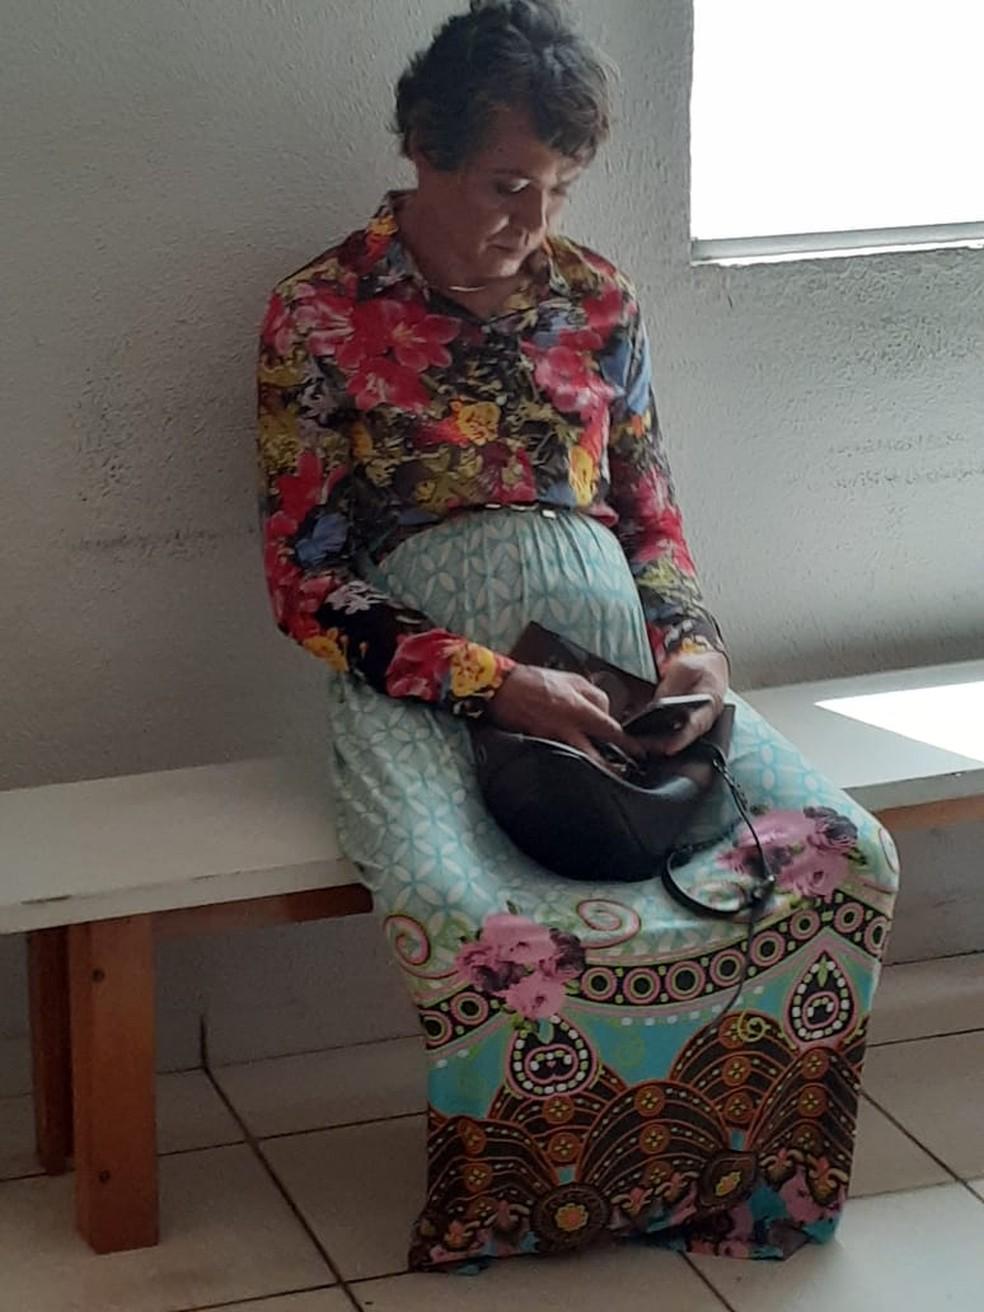 Mecânico estava maquiado e usava saia longa para tentar se passar pela mãe em prova do Detran — Foto: Divulgação/PM